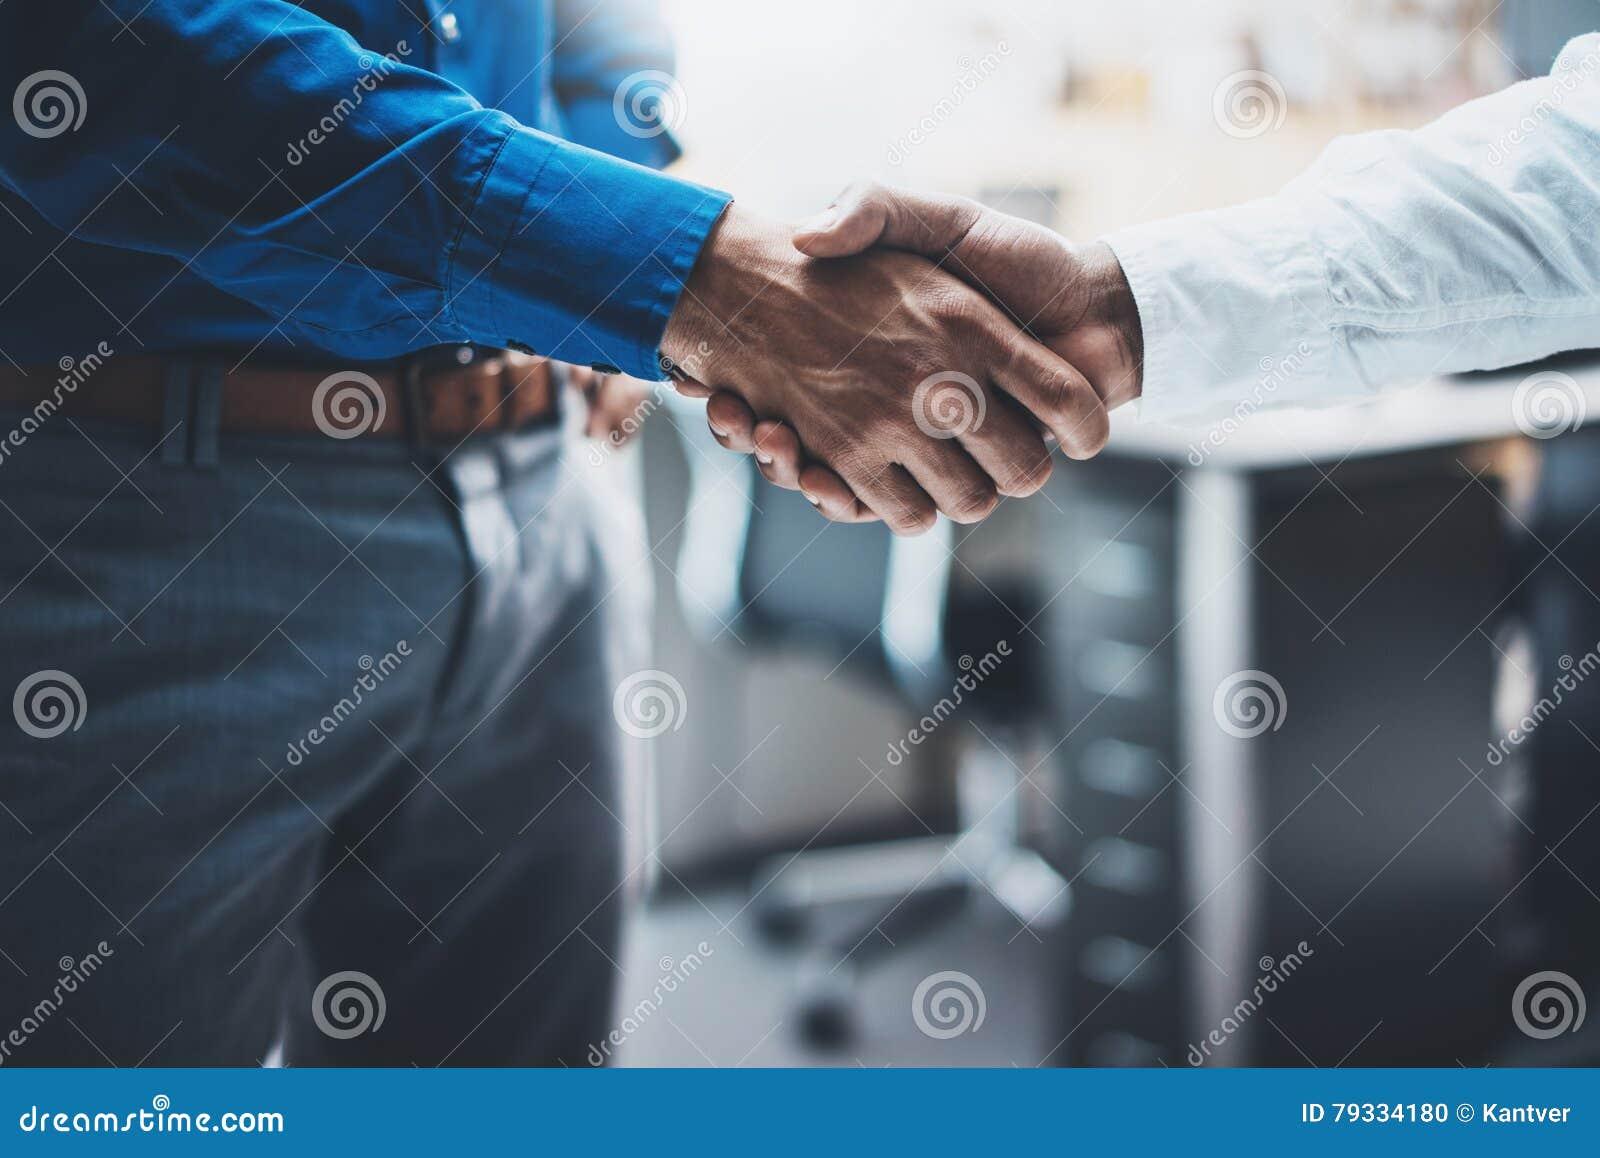 Biznesowy partnerstwo uścisku dłoni pojęcie Wizerunek dwa businessmans handshaking proces Pomyślna transakcja po wielkiego spotka